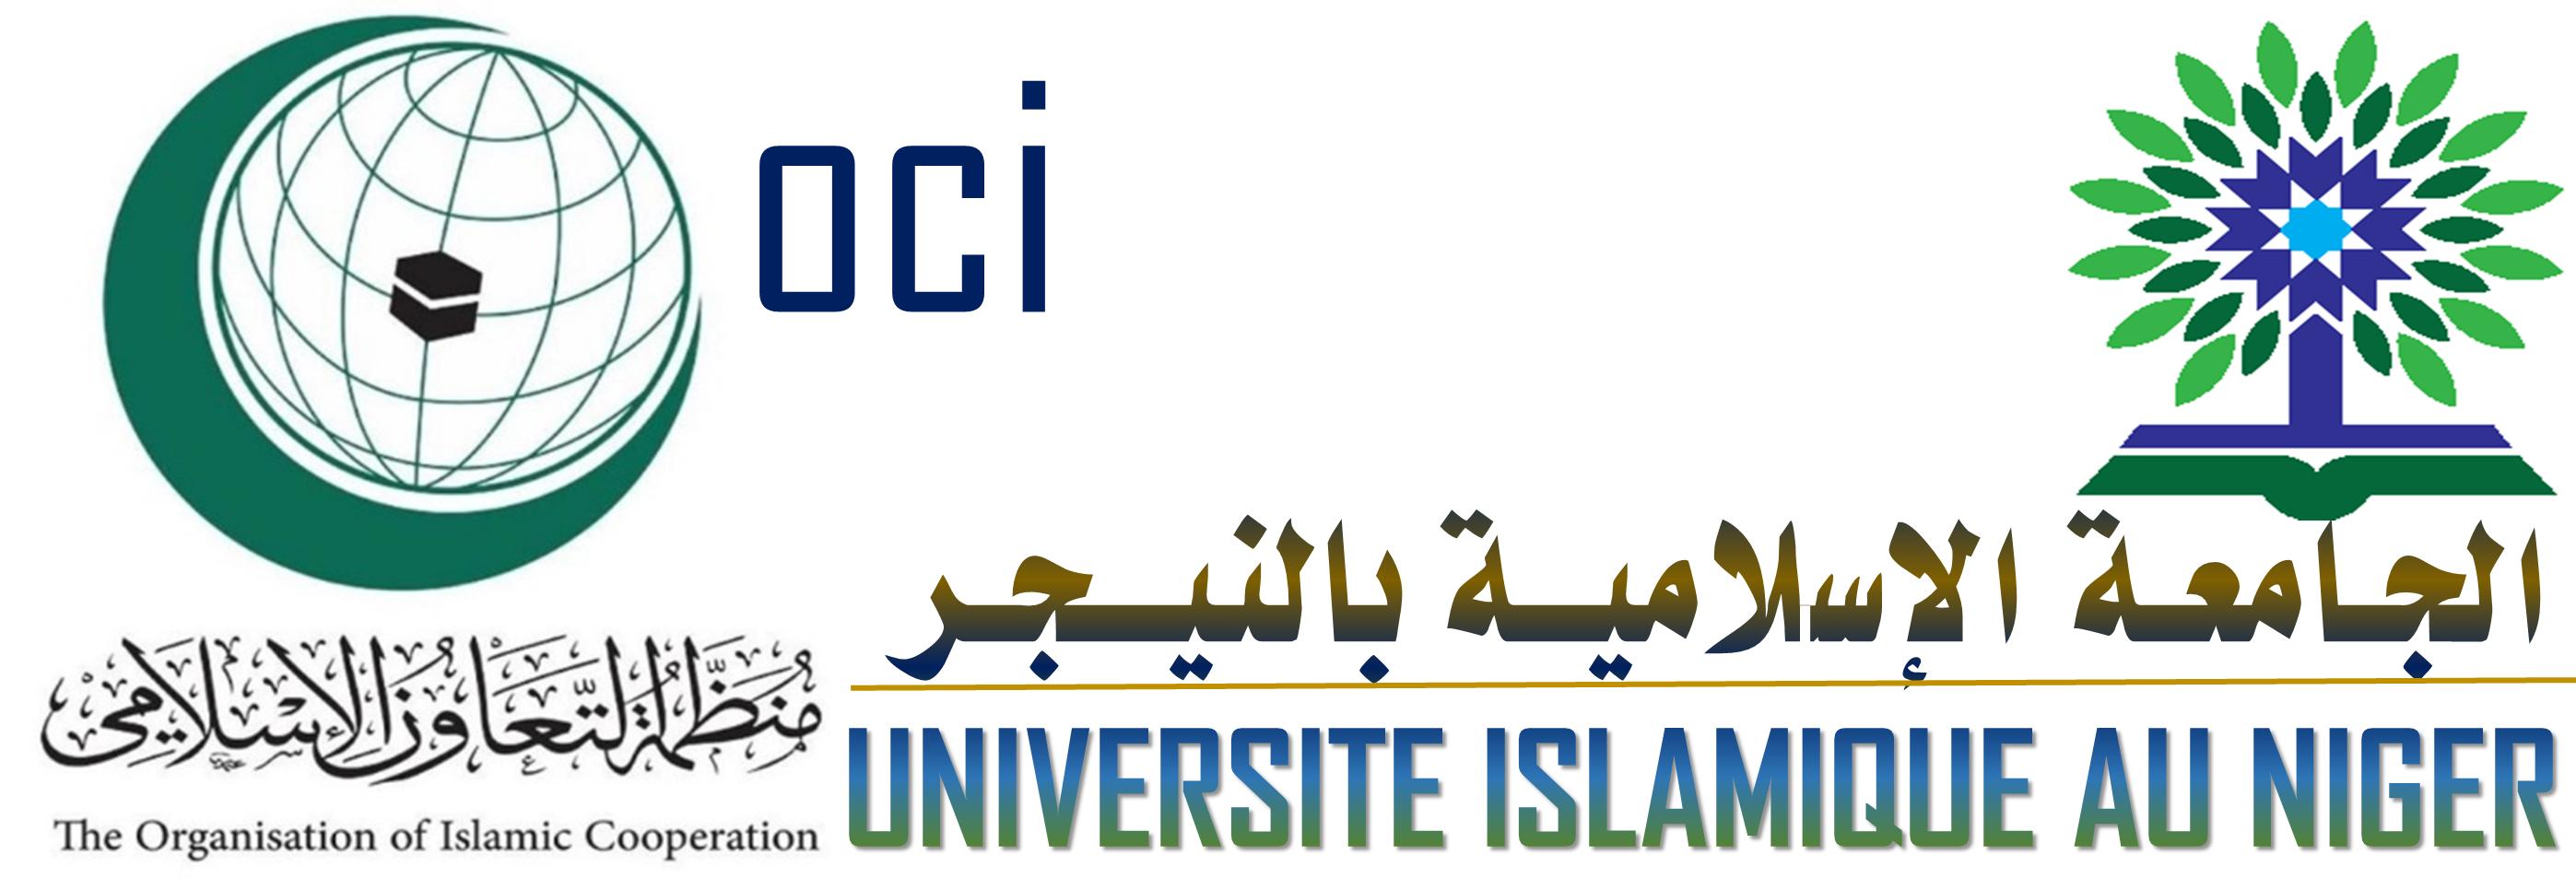 الجامعة الإسلامية بالنيجر